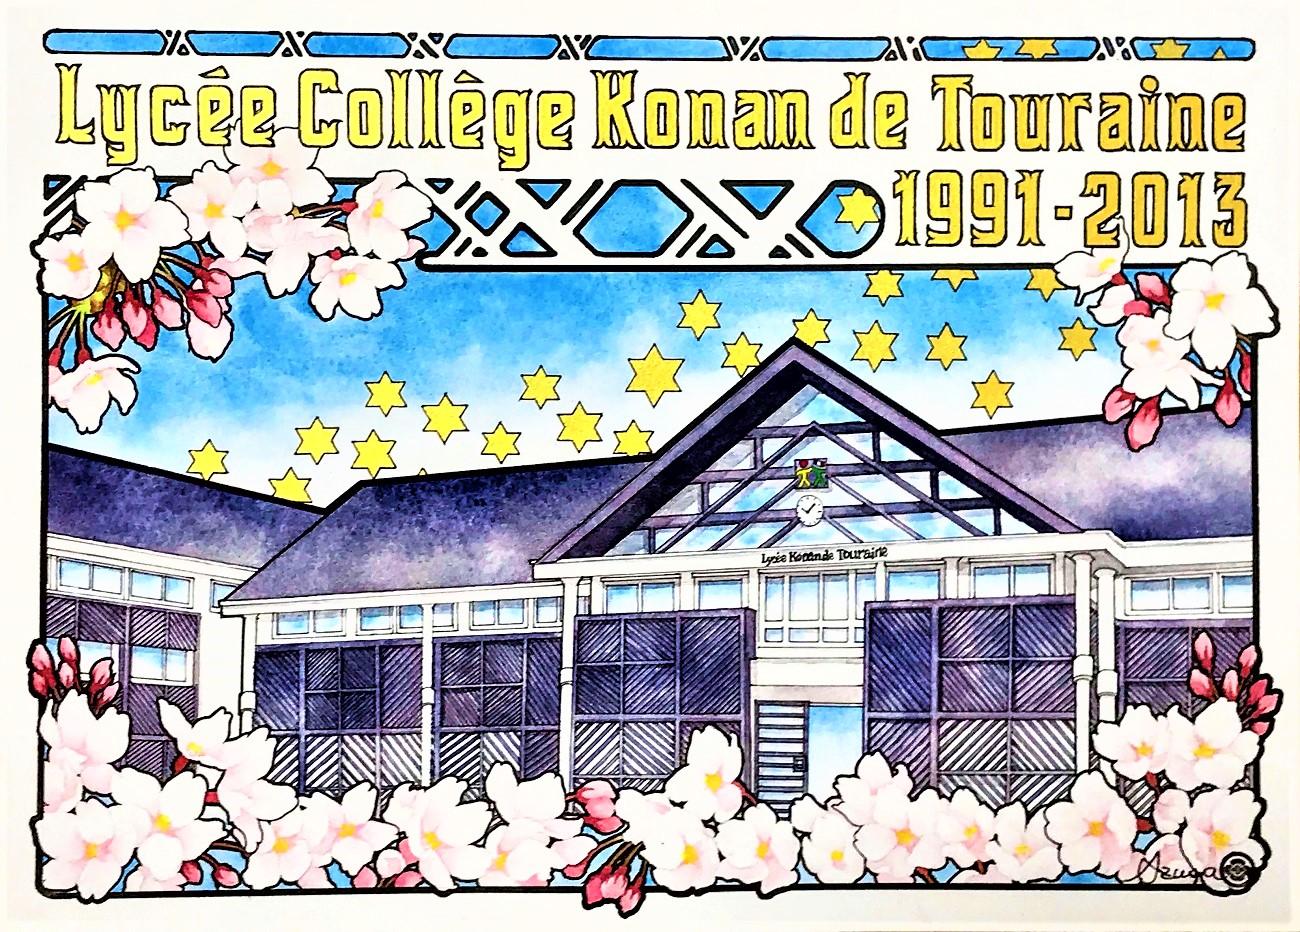 記事トゥレーヌ甲南学園 閉校のイメージ画像